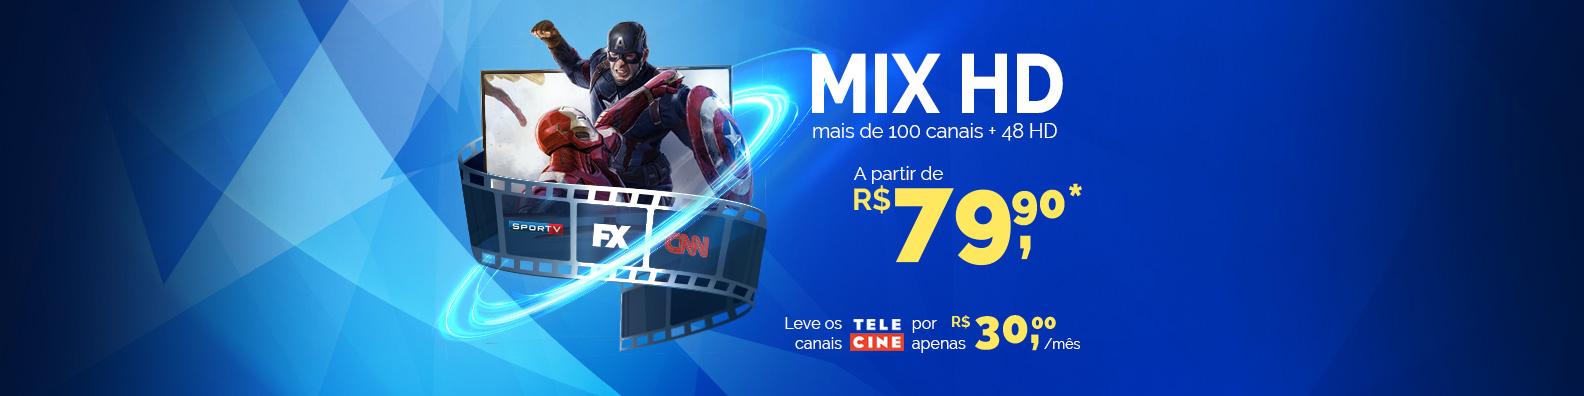 mix hd mais de 100 canais e 48hd por apenas 59 no combo leve os canais telecine por 30